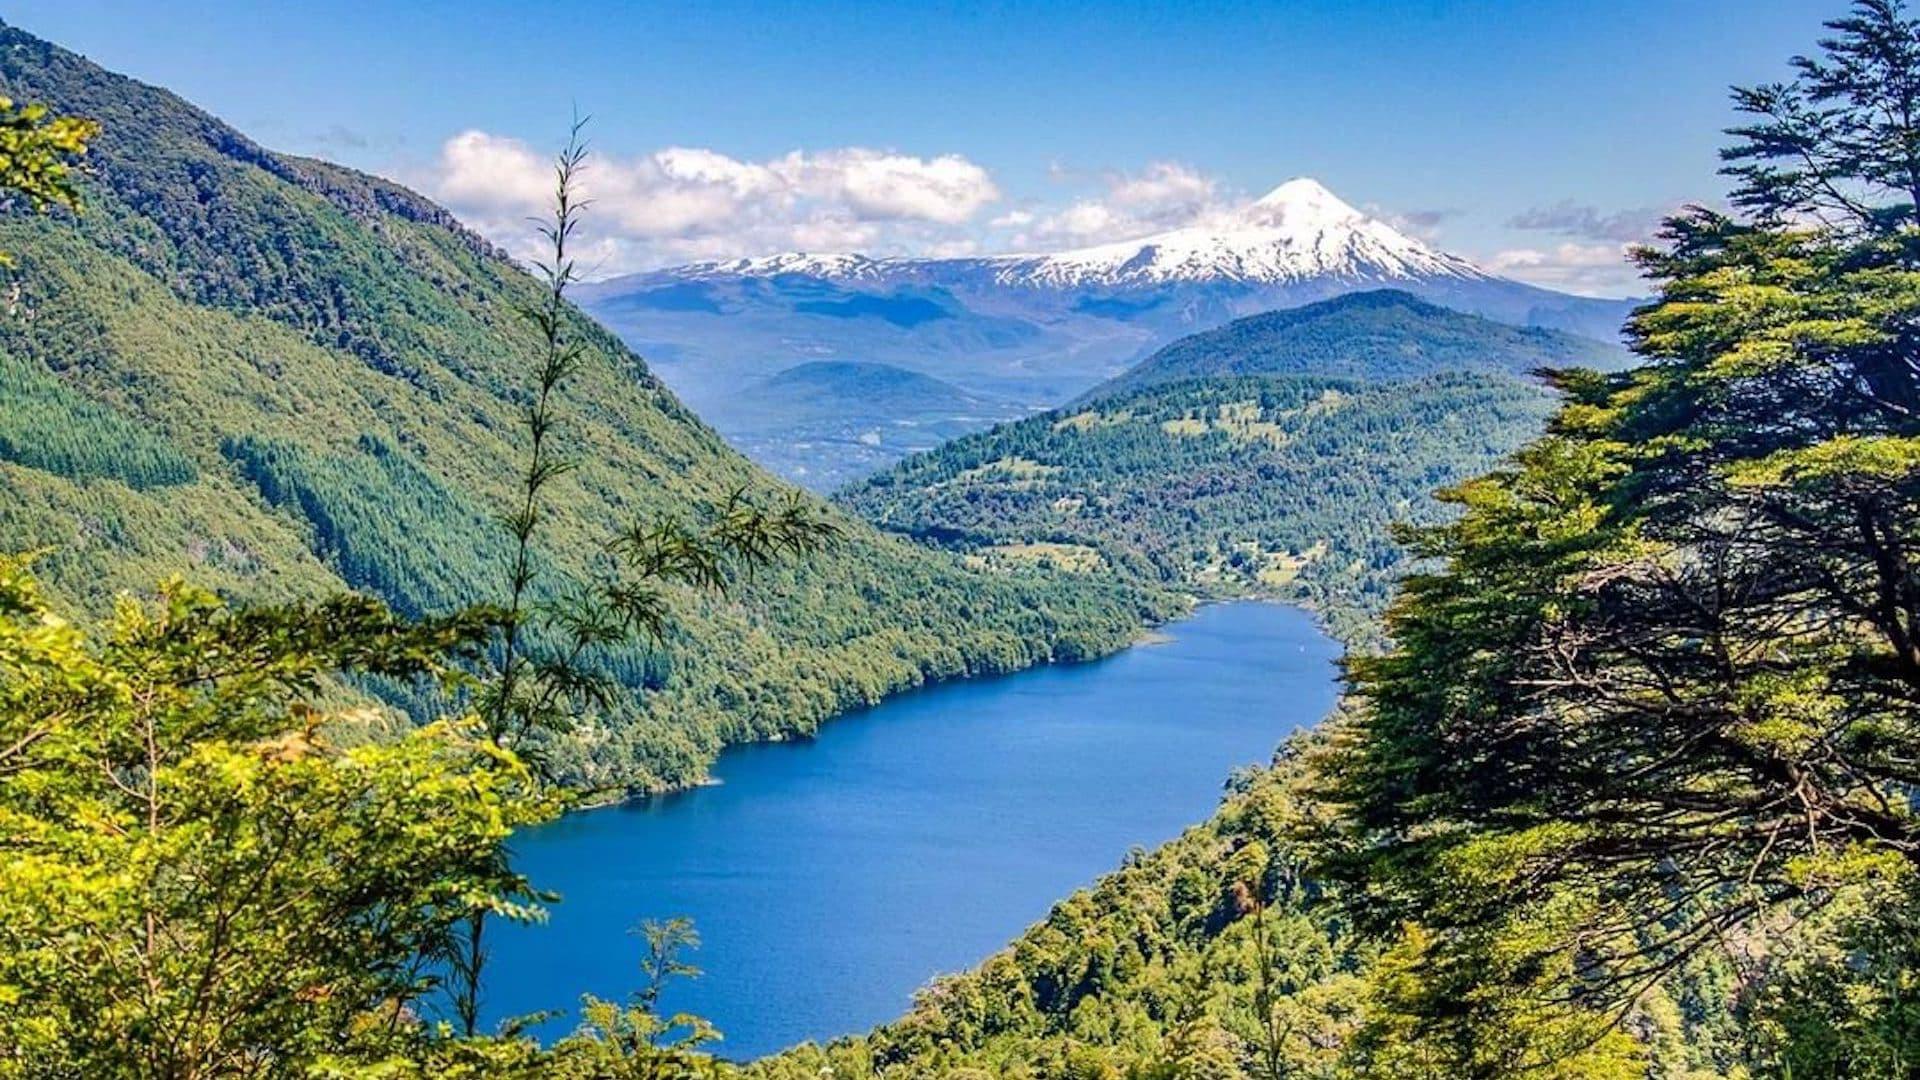 Así es el Parque Nacional Huerquehue: paisajes únicos en el sur de Chile